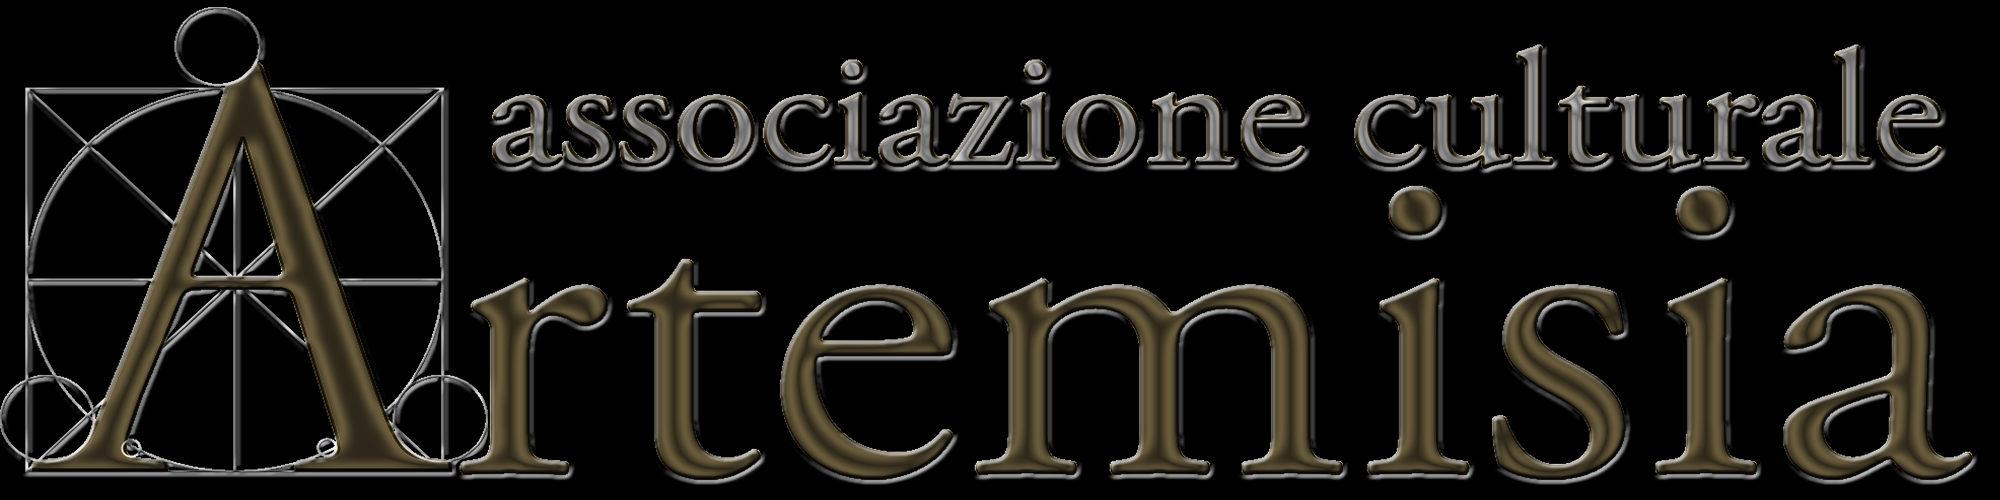 Associazione Culturale Artemisia